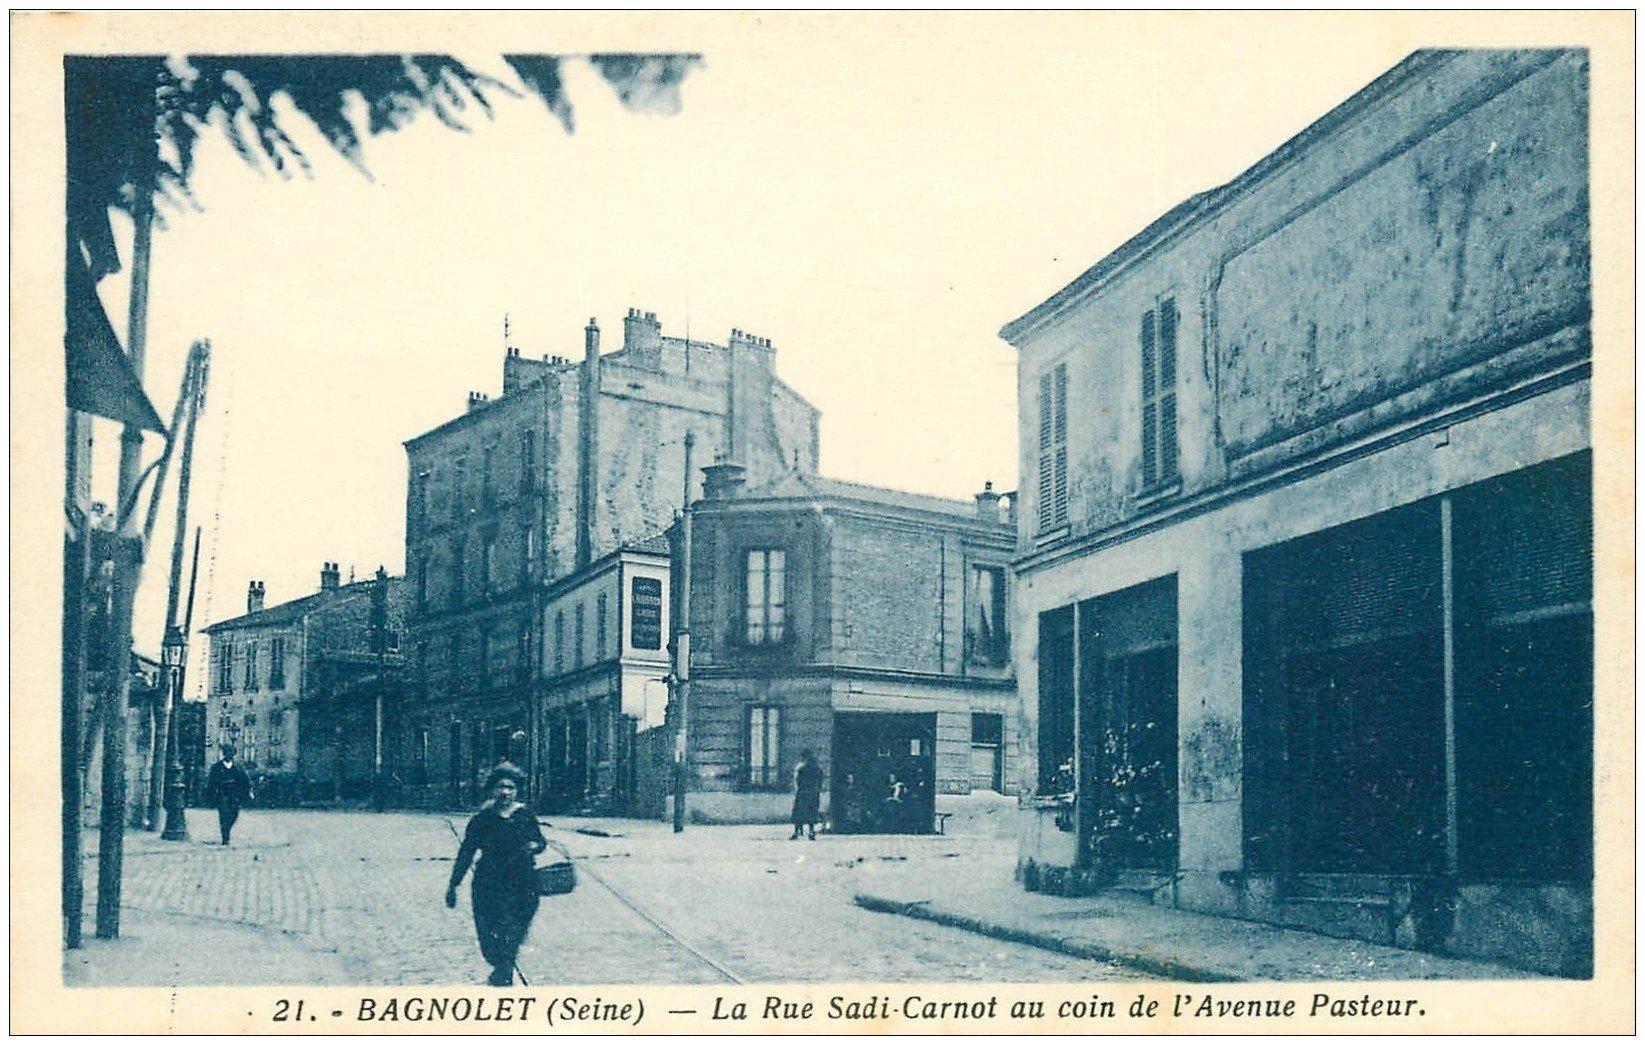 93 BAGNOLET. Rue Sadi Carnot coin de l'Avenue Pasteur à droite Fleuriste du Cimetière